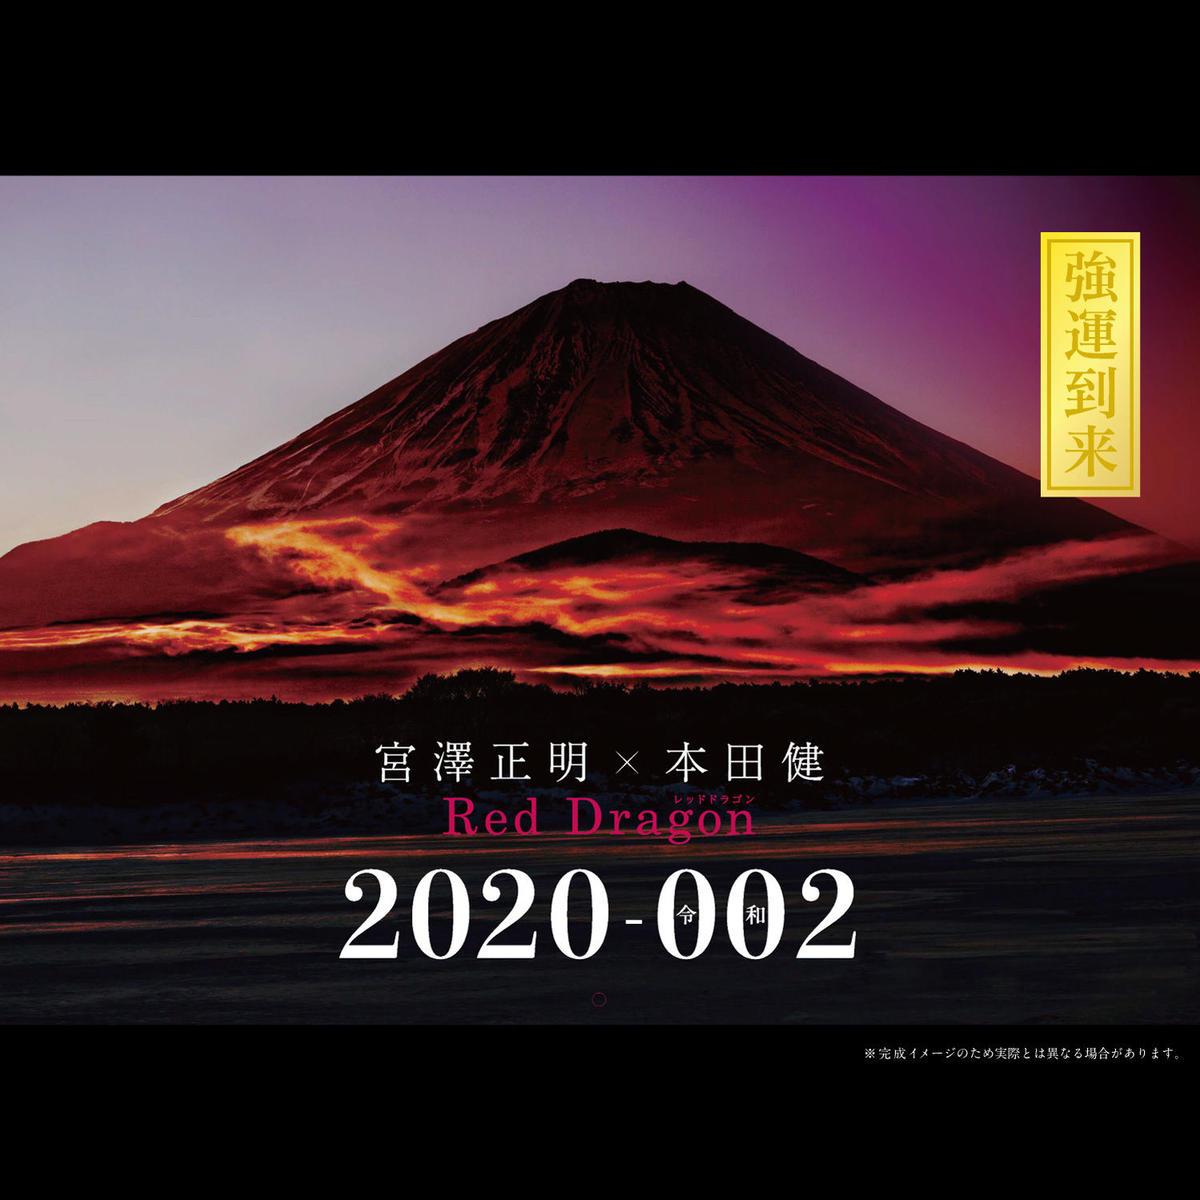 レッド ドラゴン 富士山